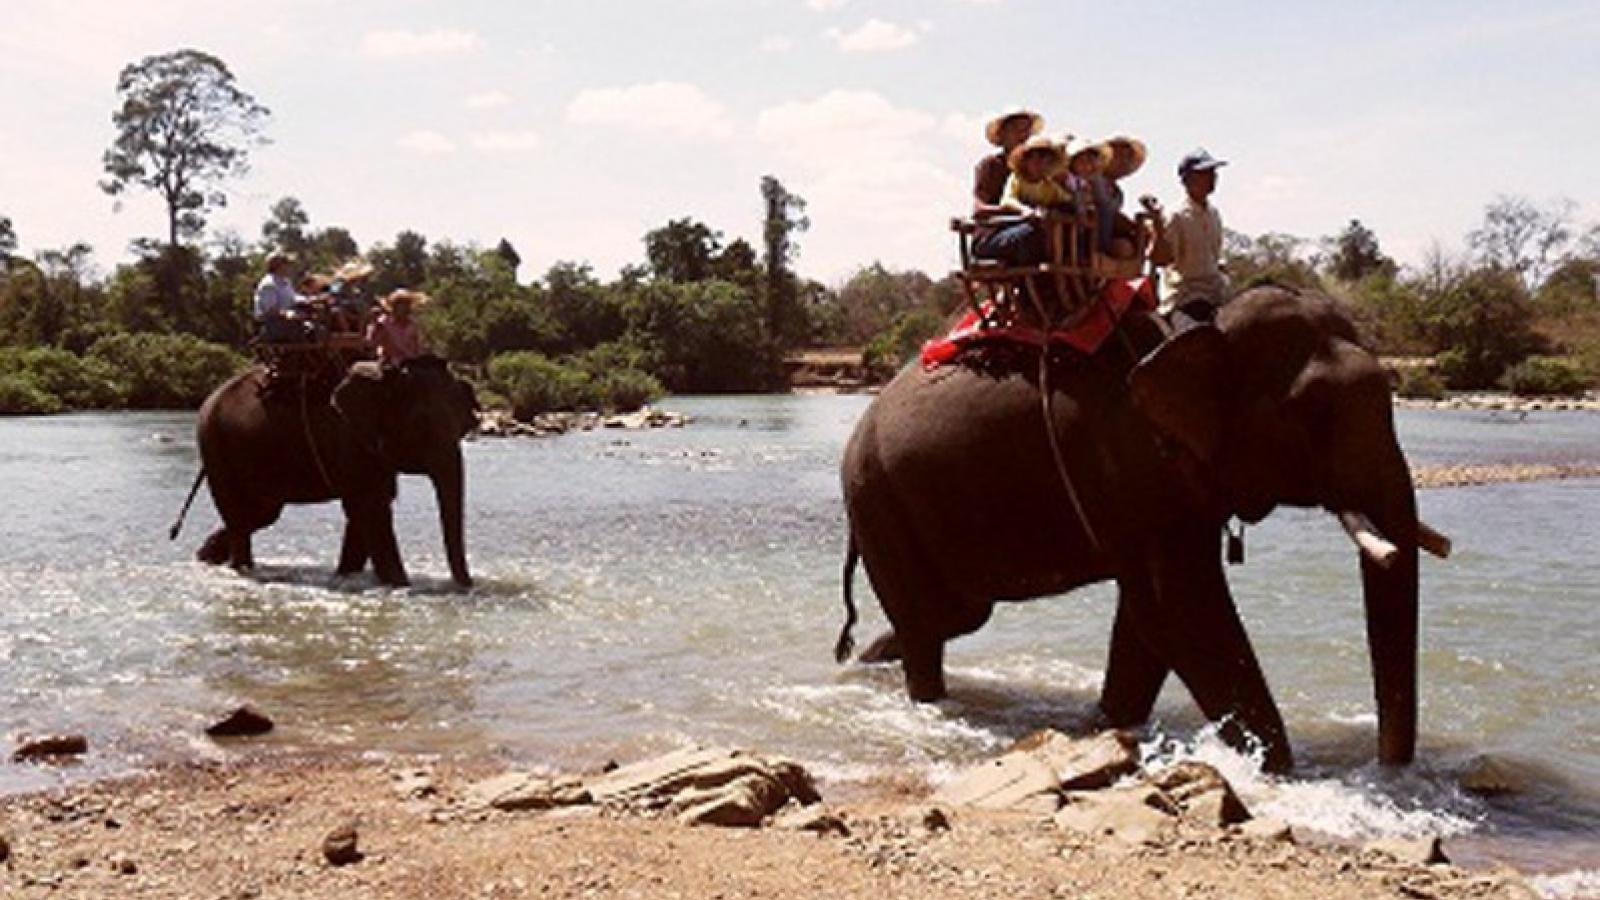 Người mẹ bị gãy xương sườn khi cưỡi voi du lịch tại Đắk Lắk